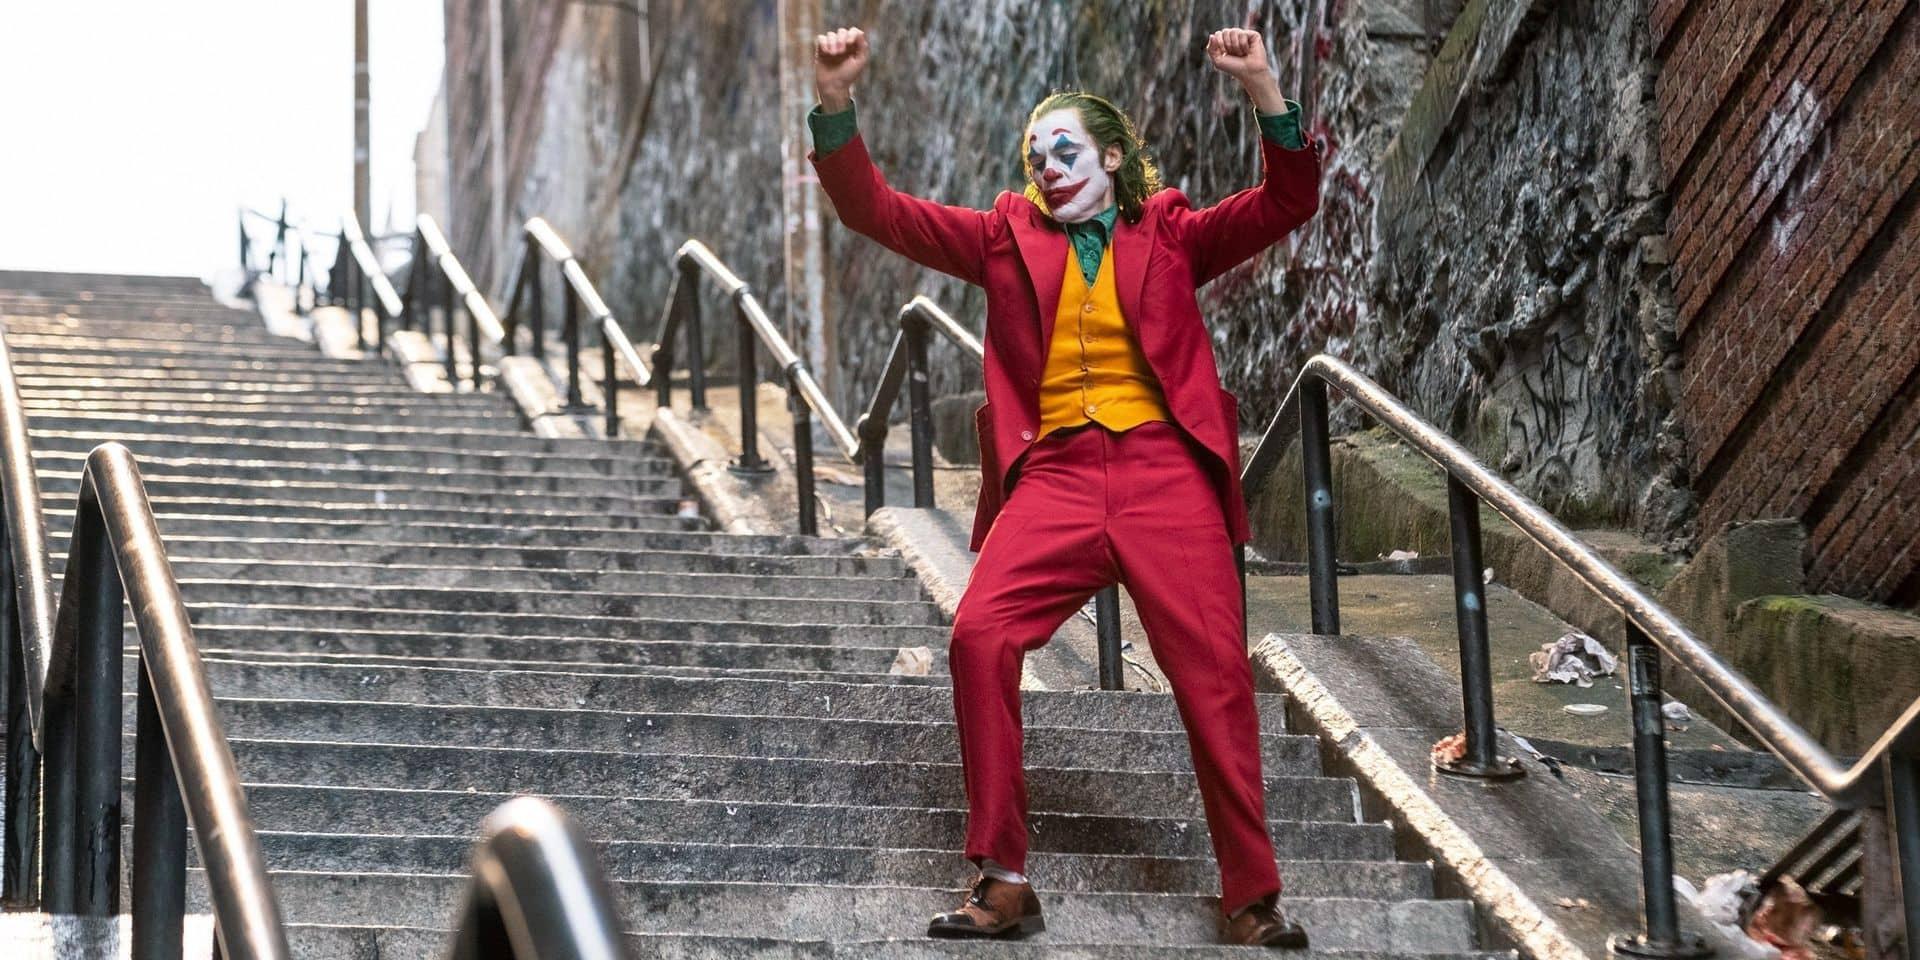 Quand les pas de danse du Joker inspirent Burger King